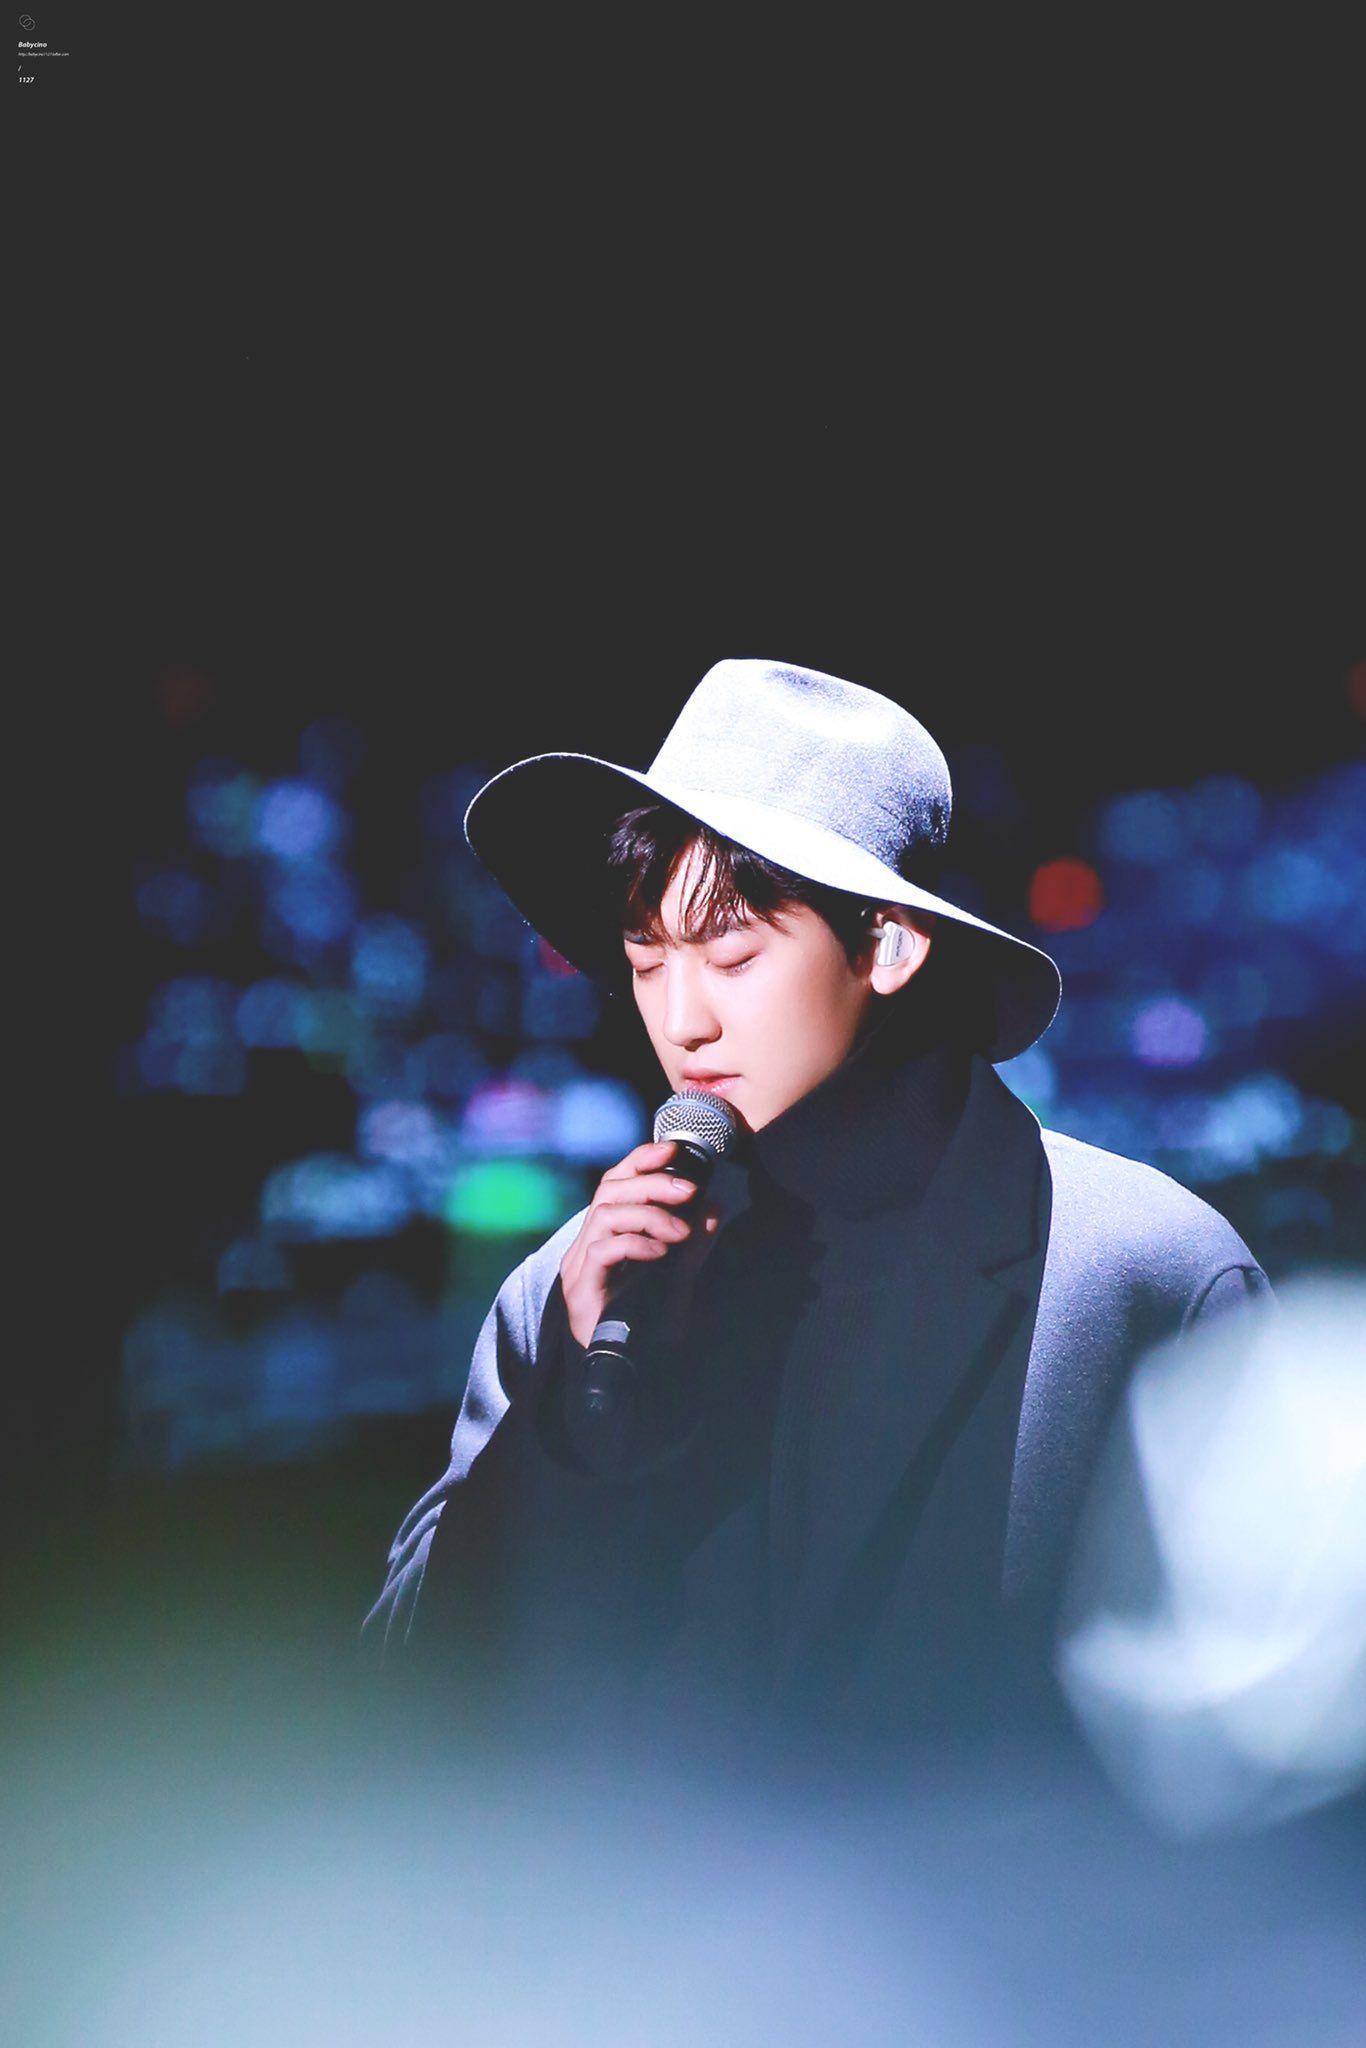 Babycino1127 On Twitter Chanyeol Cute Exo Chanyeol Chanyeol